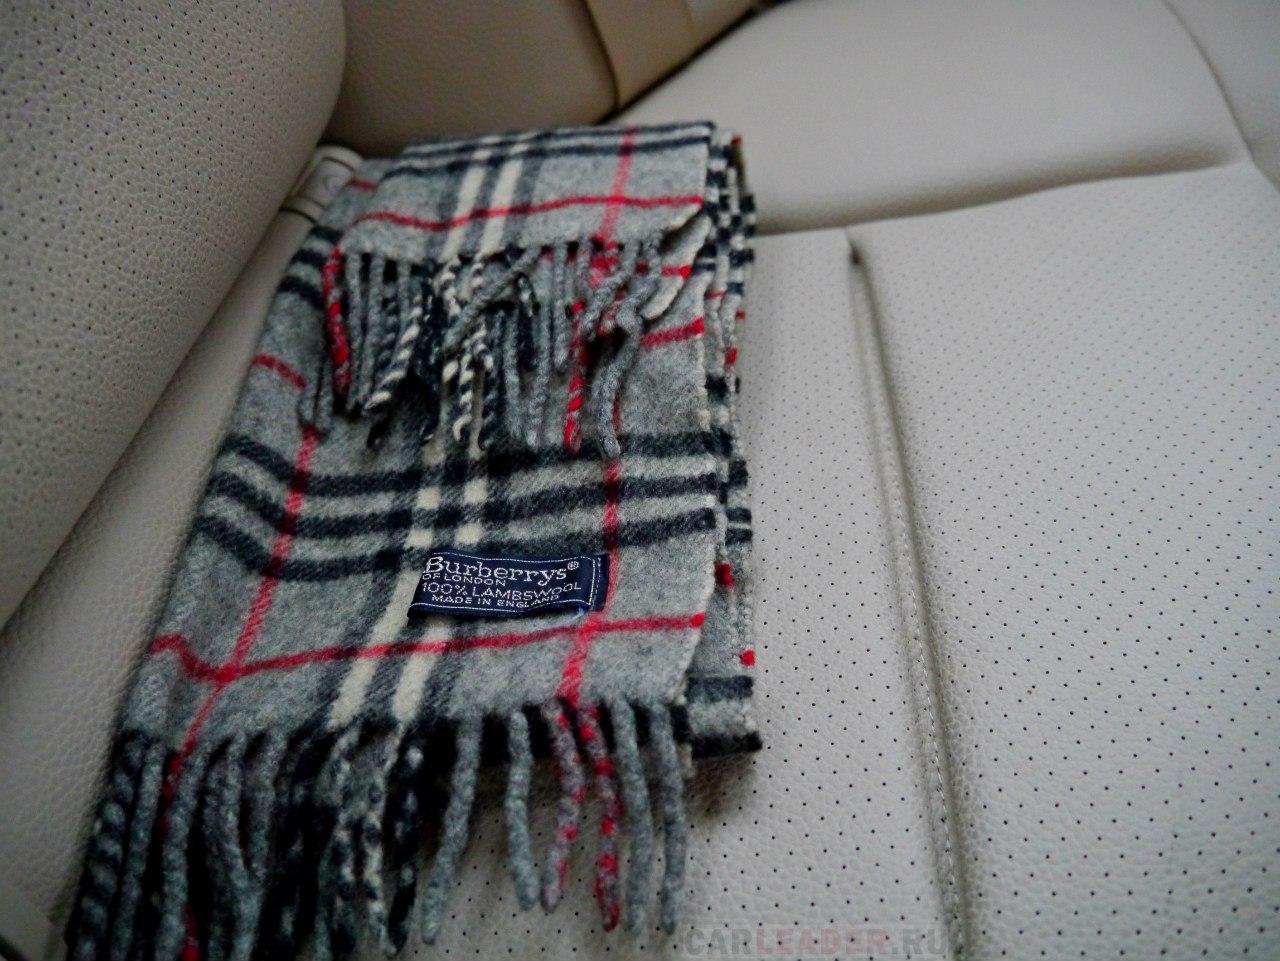 Искусственная перфорированная кожа Mercedes-Benz E 2014 греет зимой не хуже, чем оригинальный шарф Burberry из натуральной овечьей шерсти.